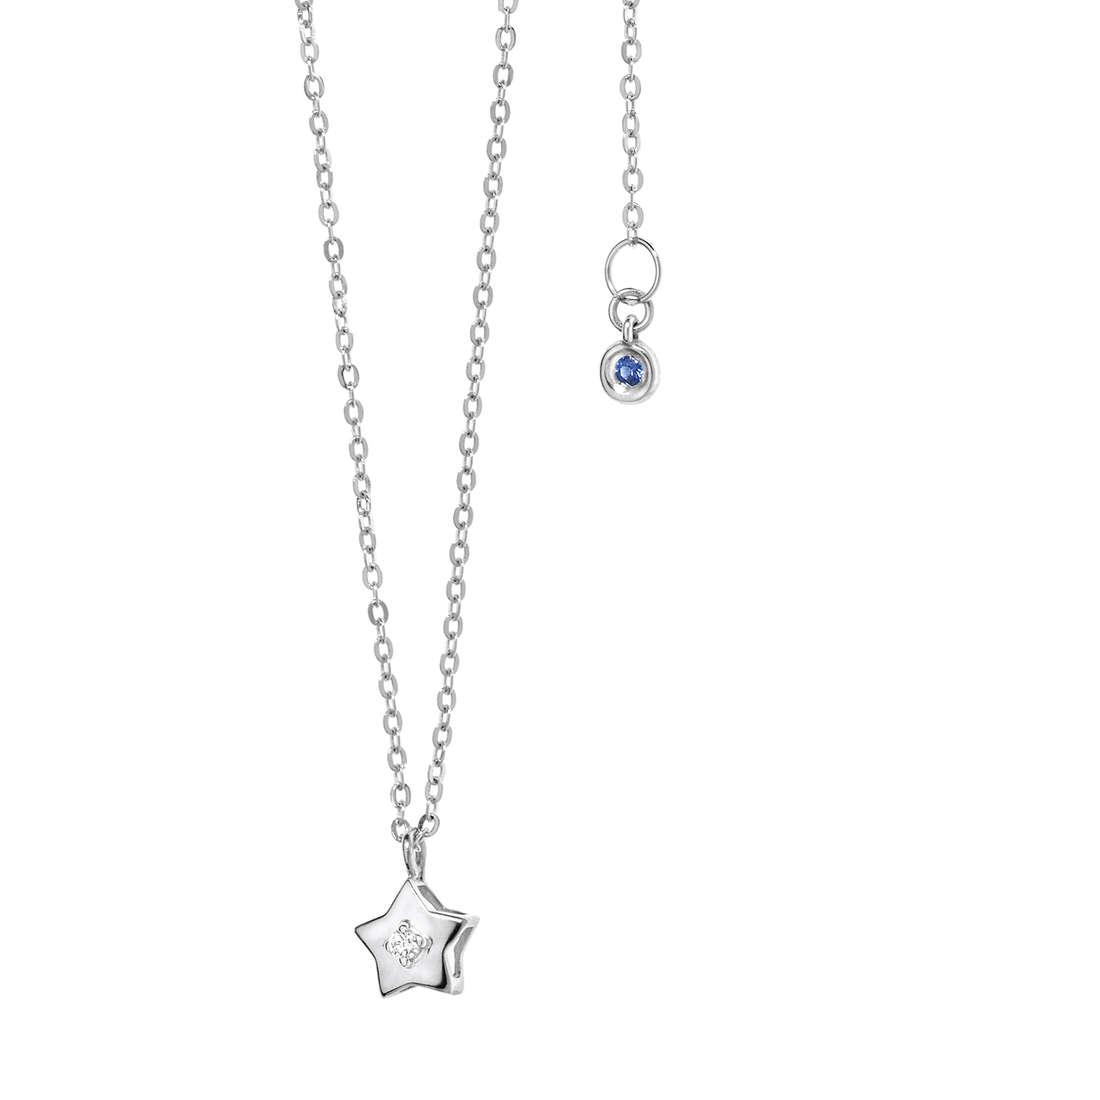 collana comete gioielli oro bianco pendente stella diamante zaffiro blu